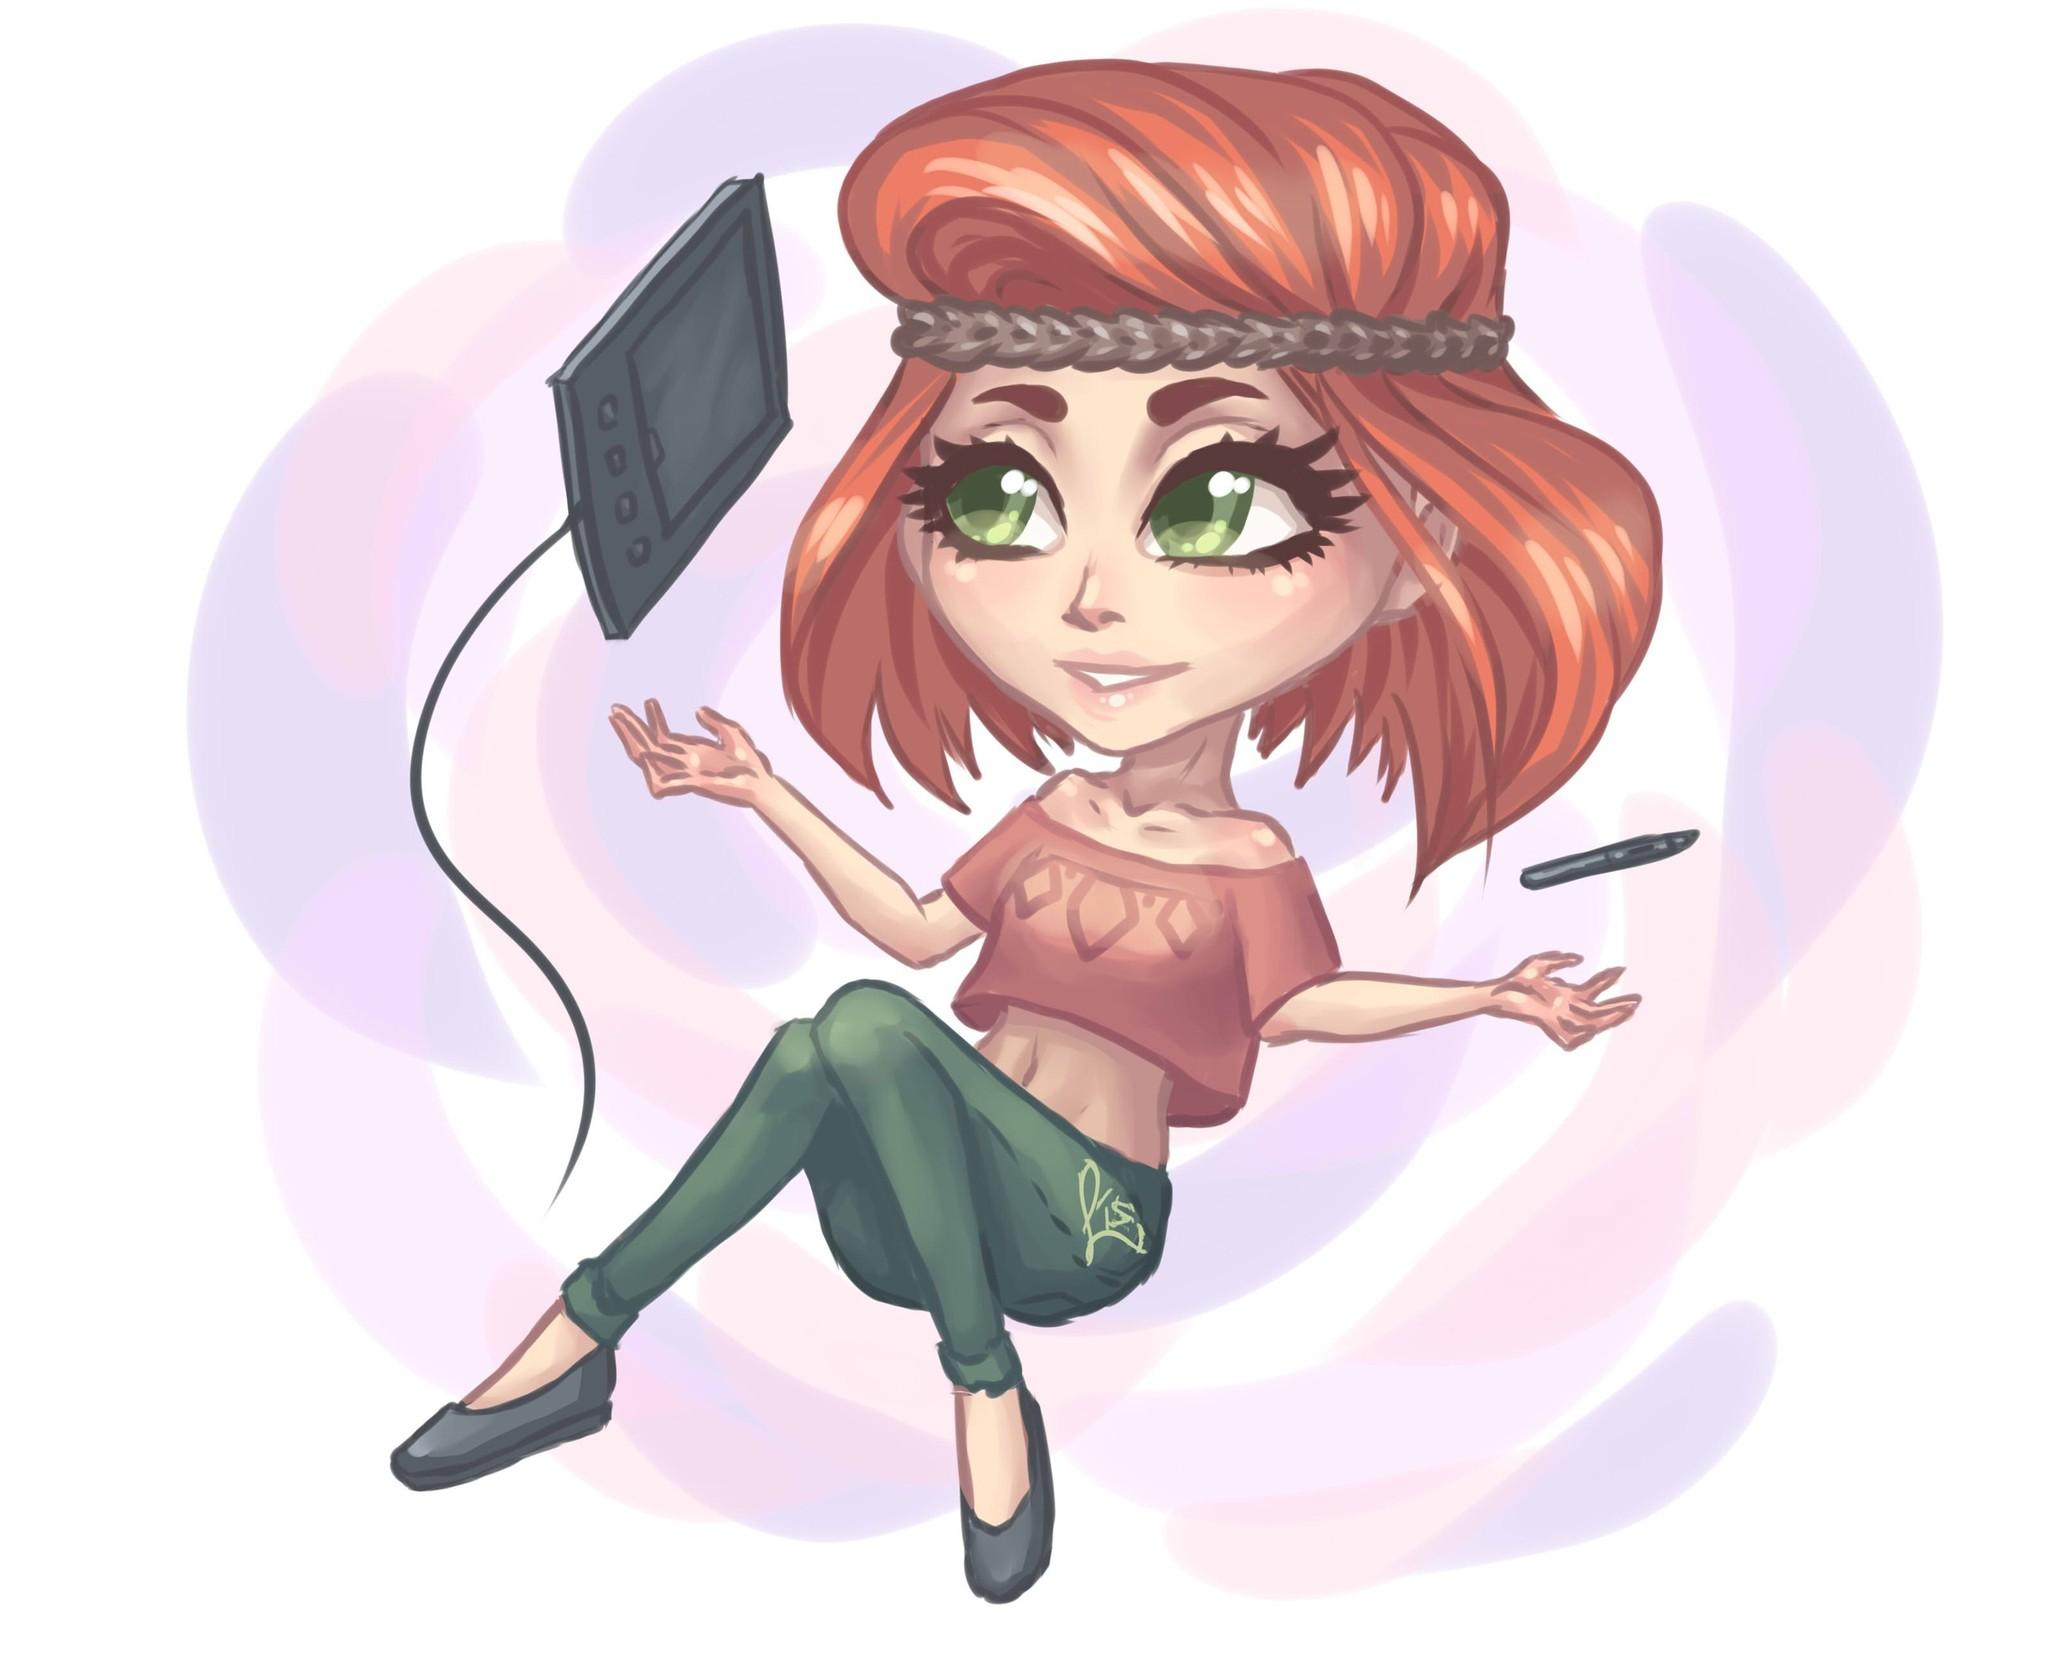 Картинки нарисованных девочек в аватарии